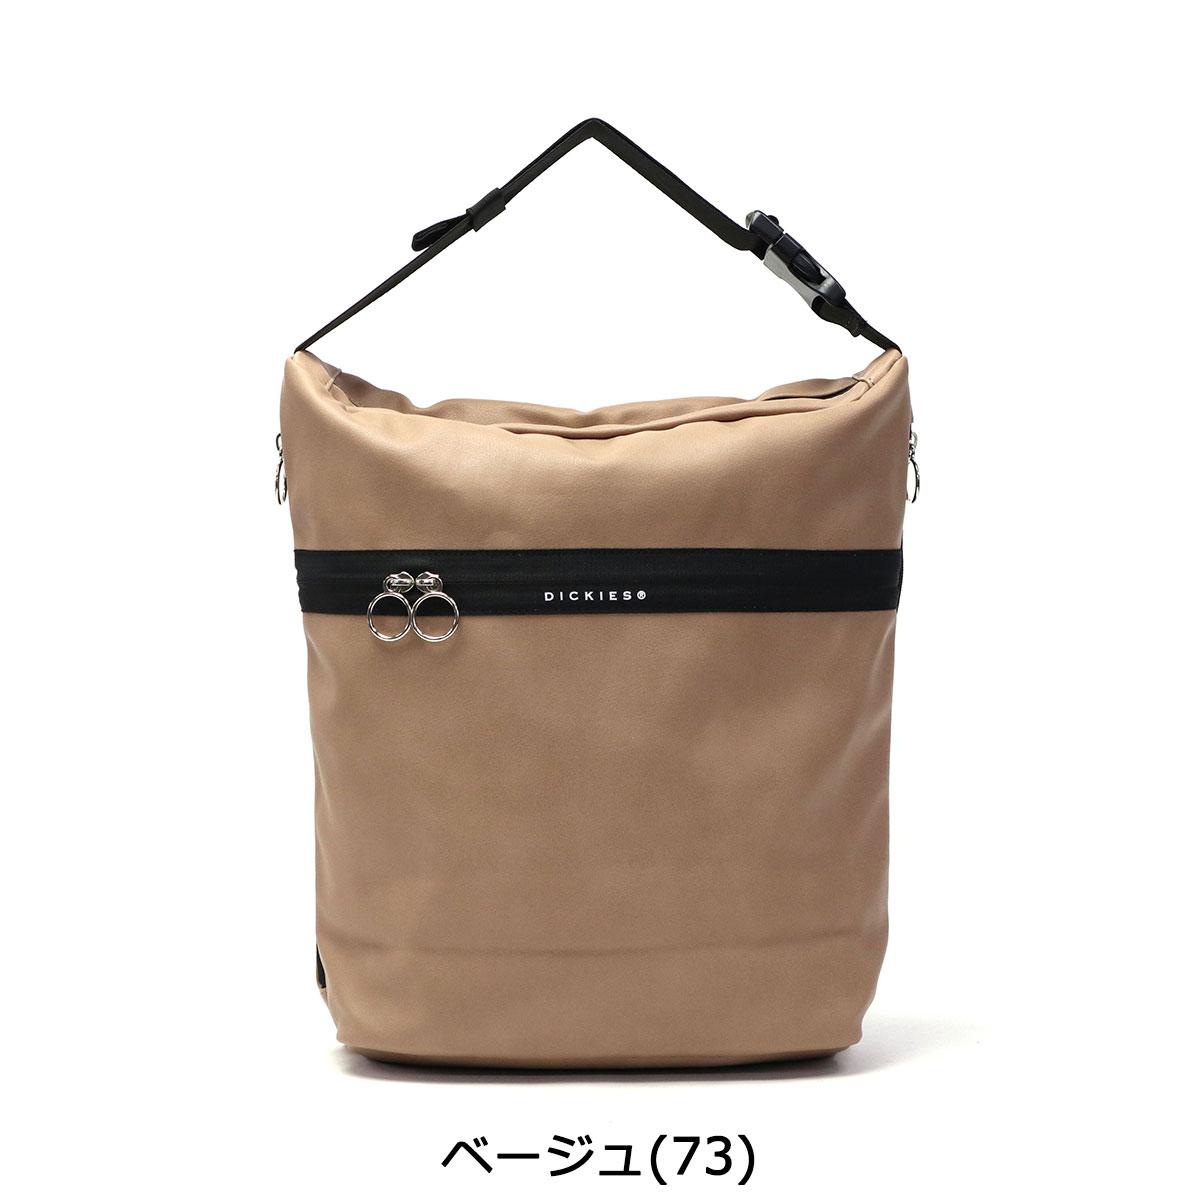 日本Galleria  /  Dickies SYNTHETIC LEATHER 2WAY BAG 休閒後背包  /  dic0031  /  日本必買 日本樂天直送(6490) /  件件含運 2